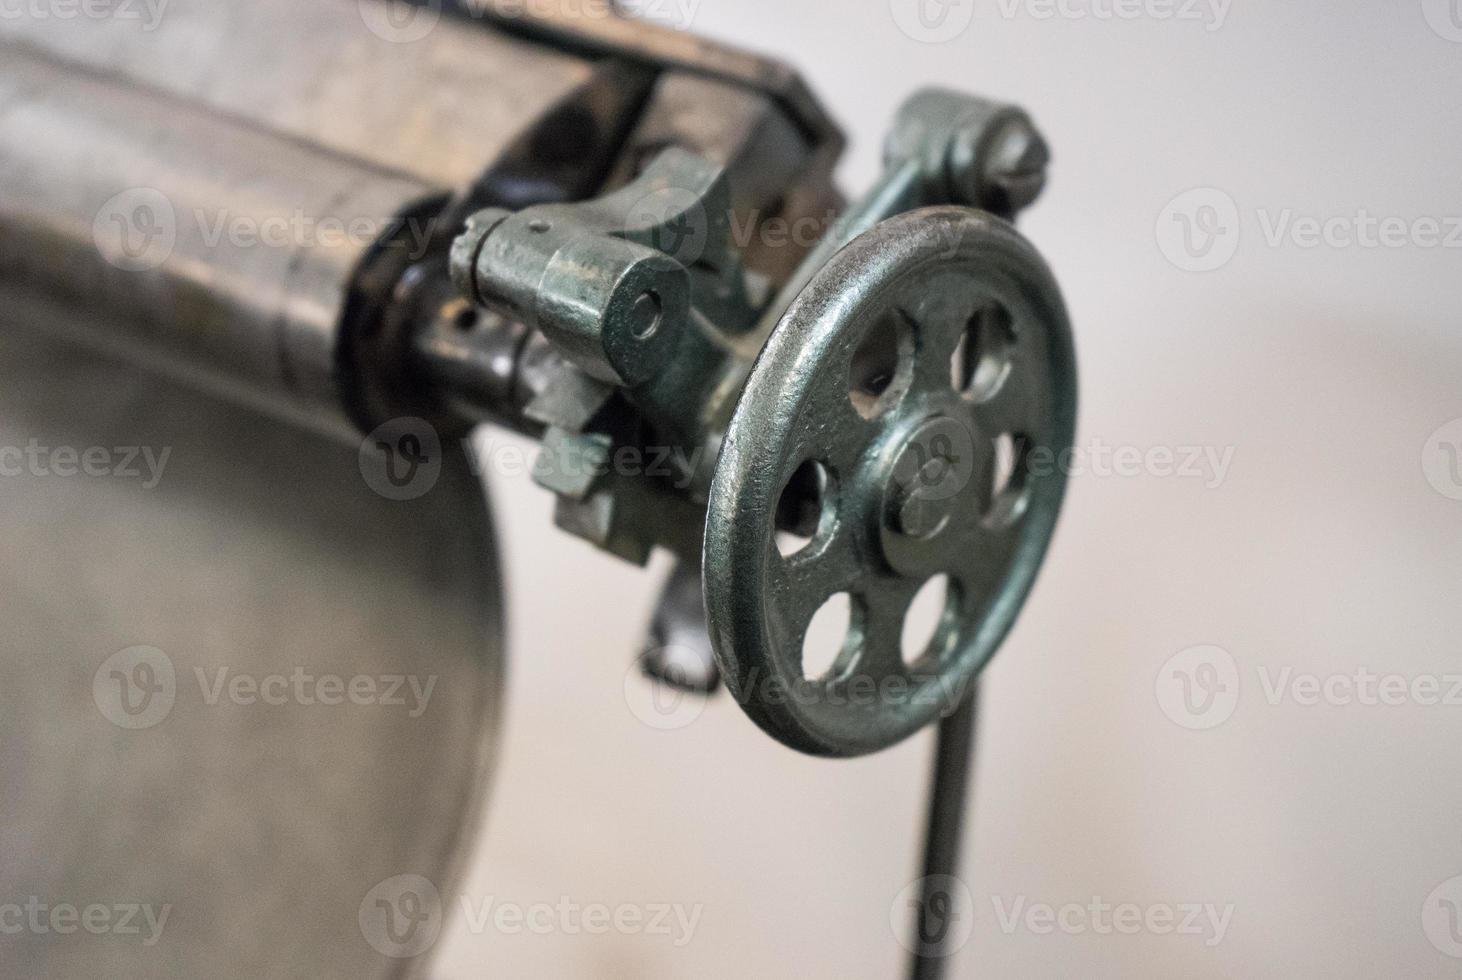 valvola della vecchia macchina in tipografia foto